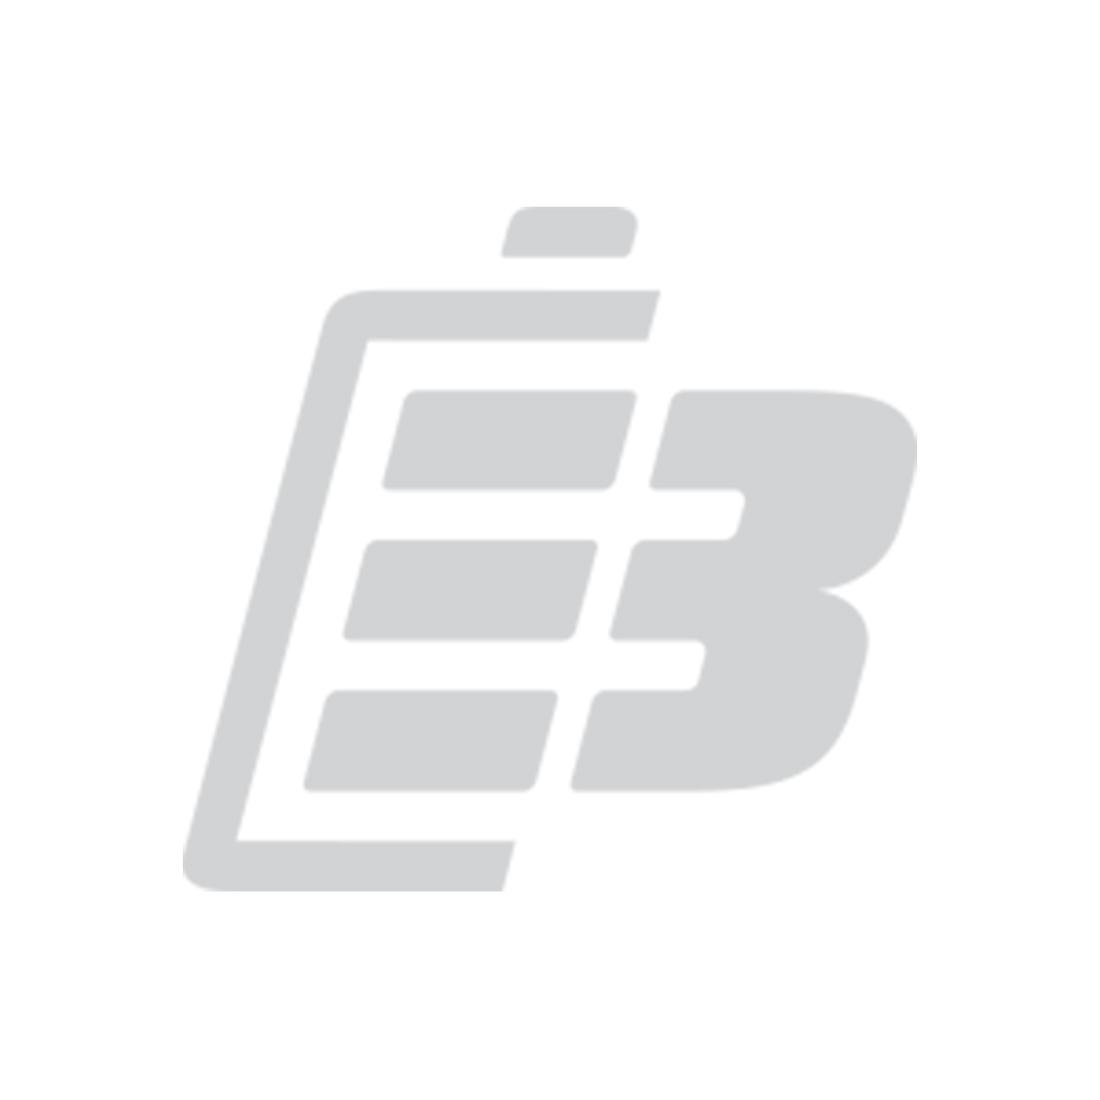 Power tool battery Metabo 18V 3.0Ah_1